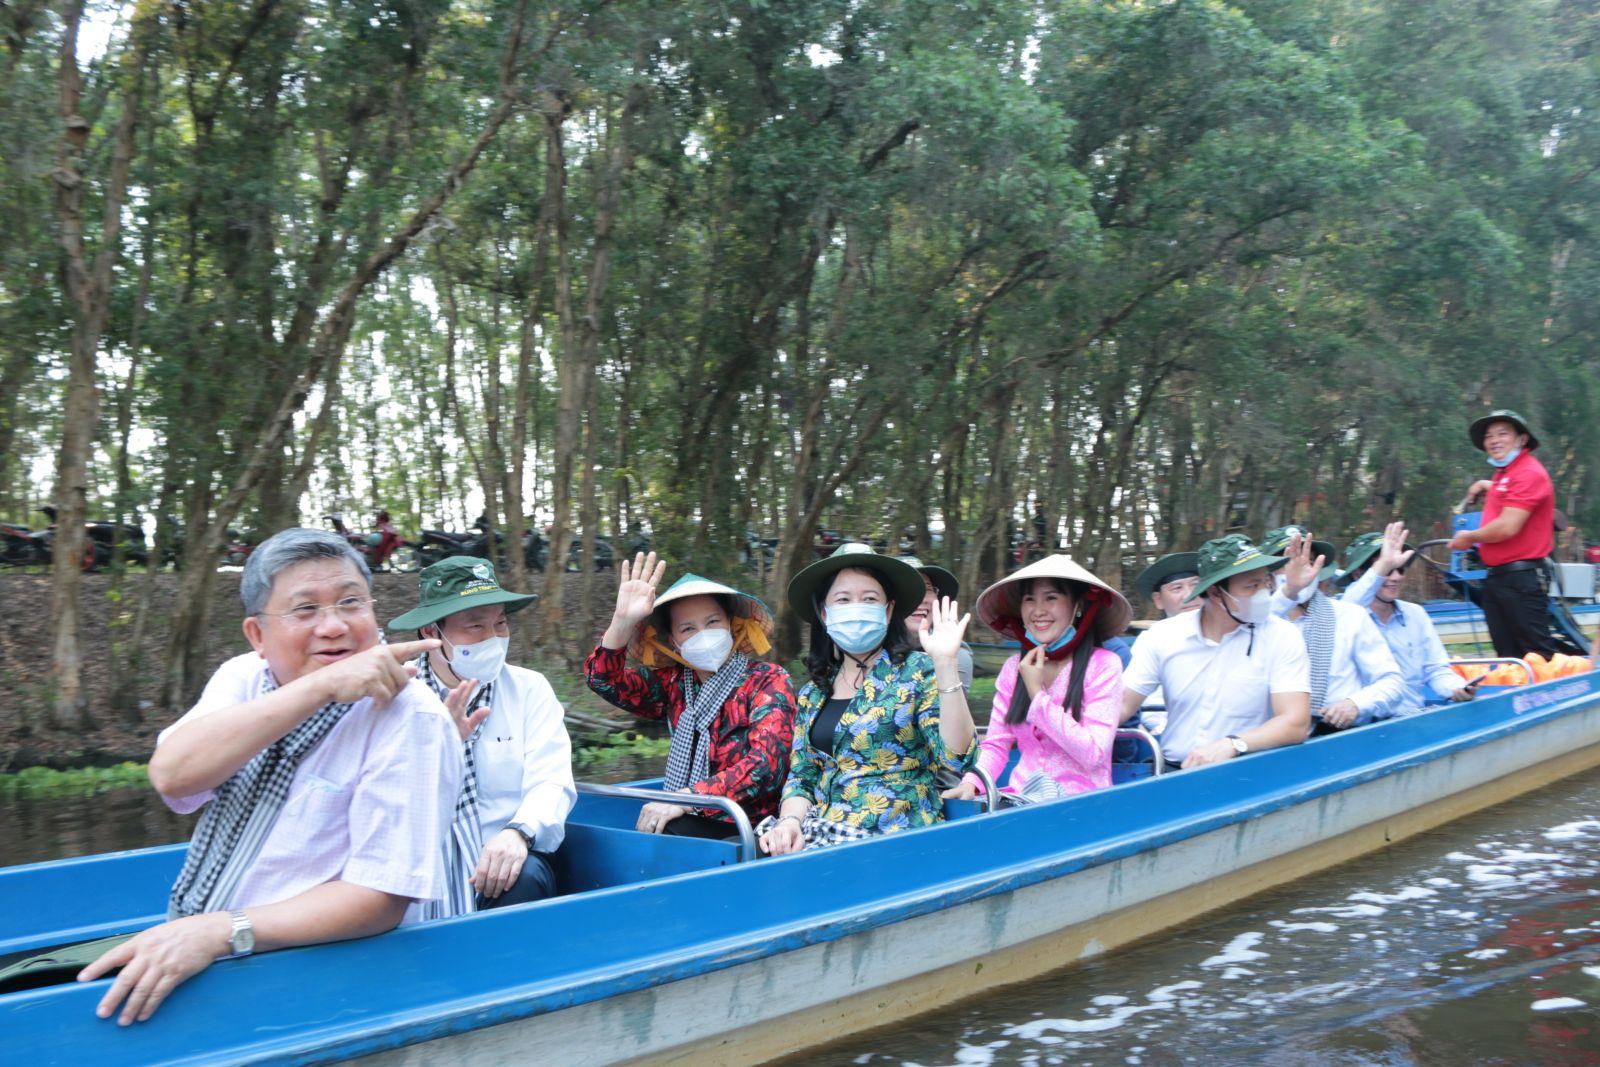 Chủ tịch Quốc hội Nguyễn Thị Kim Ngân đánh giá cao nhà đầu tư đã nỗ lực cho ra đời sản phẩm du lịch mới, độc đáo, tạo thêm điểm đến lý tưởng thu hút du khách